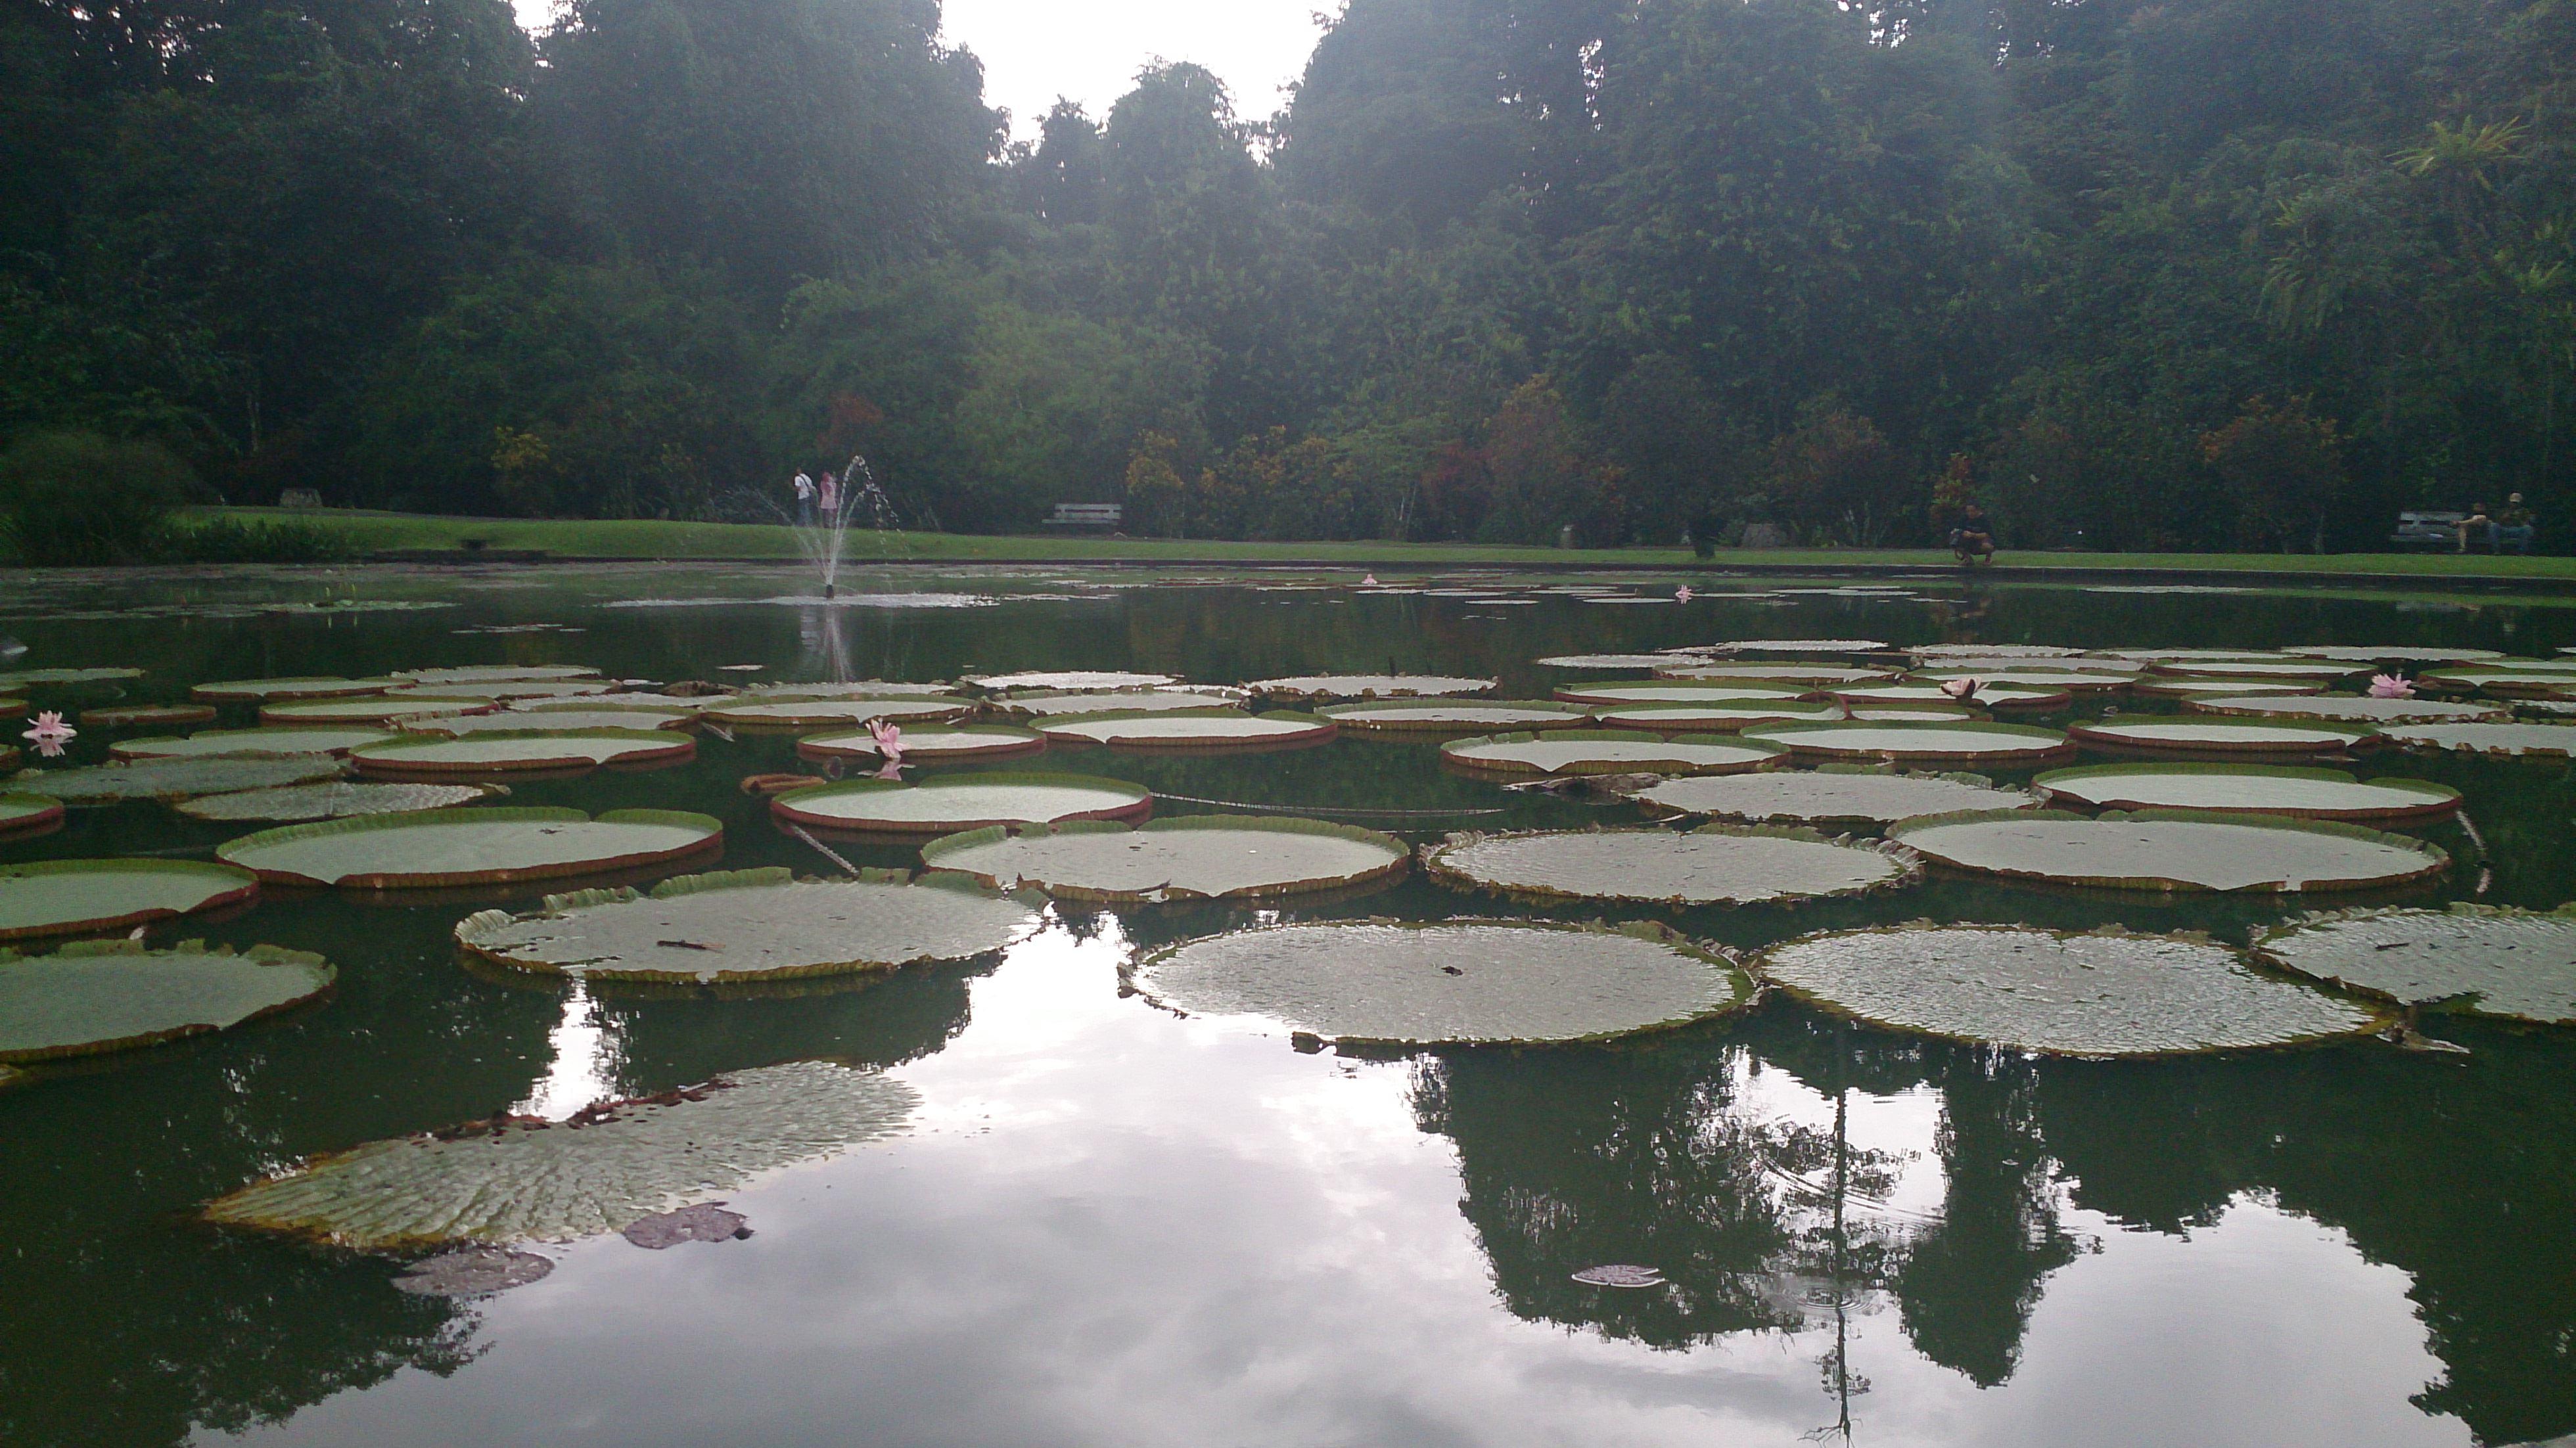 高原の避暑地・ボゴールの巨大植物園